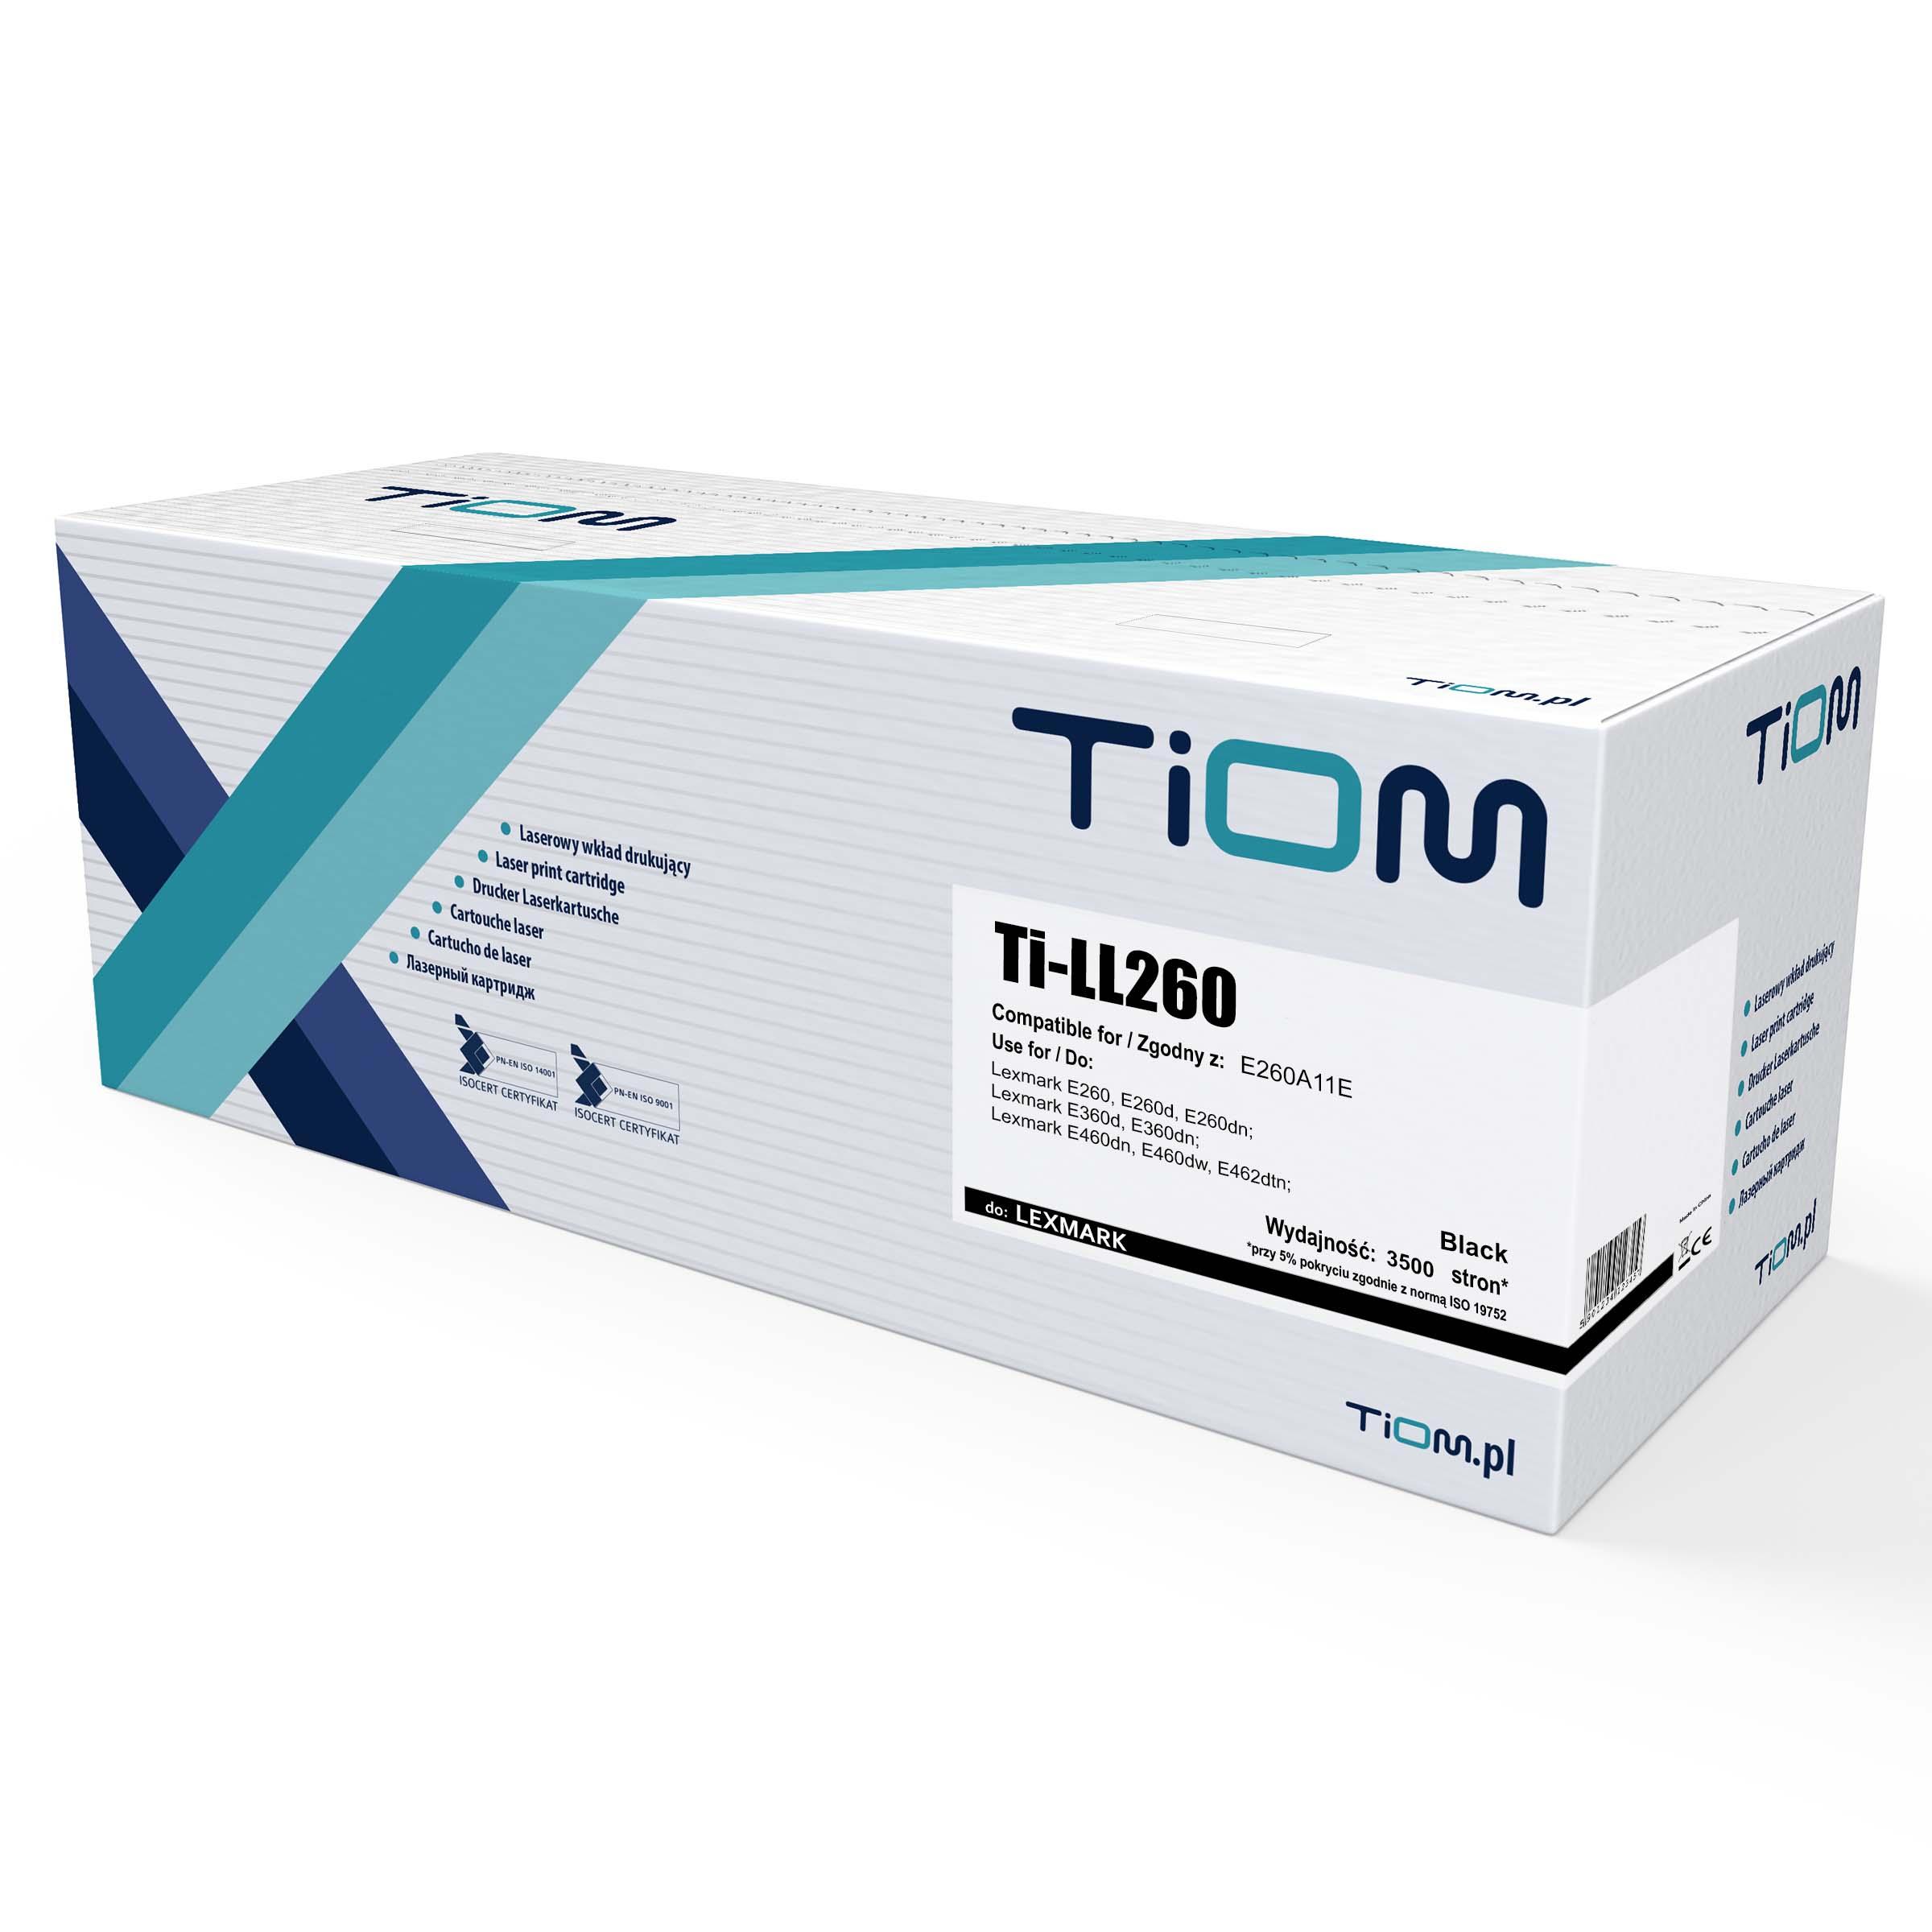 Ti-LL260 Toner Tiom do Lexmark E260 | E260A11E | 3500 str. | black